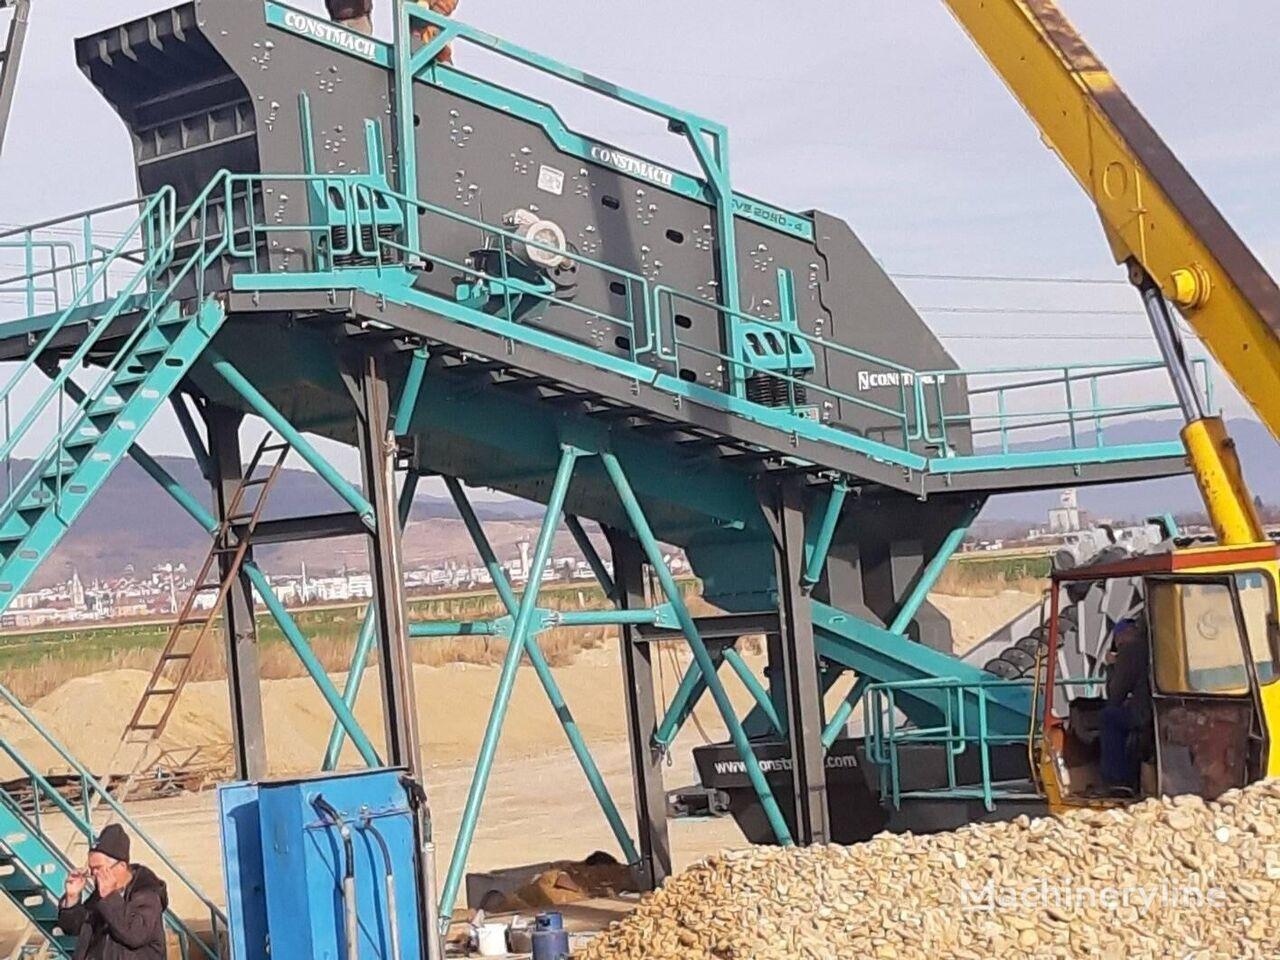 جديد آلة الغربلة الهزازة CONSTMACH 2 x 6 meters VIBRATING SCREEN – 250 – 300 TPH CAPACITY